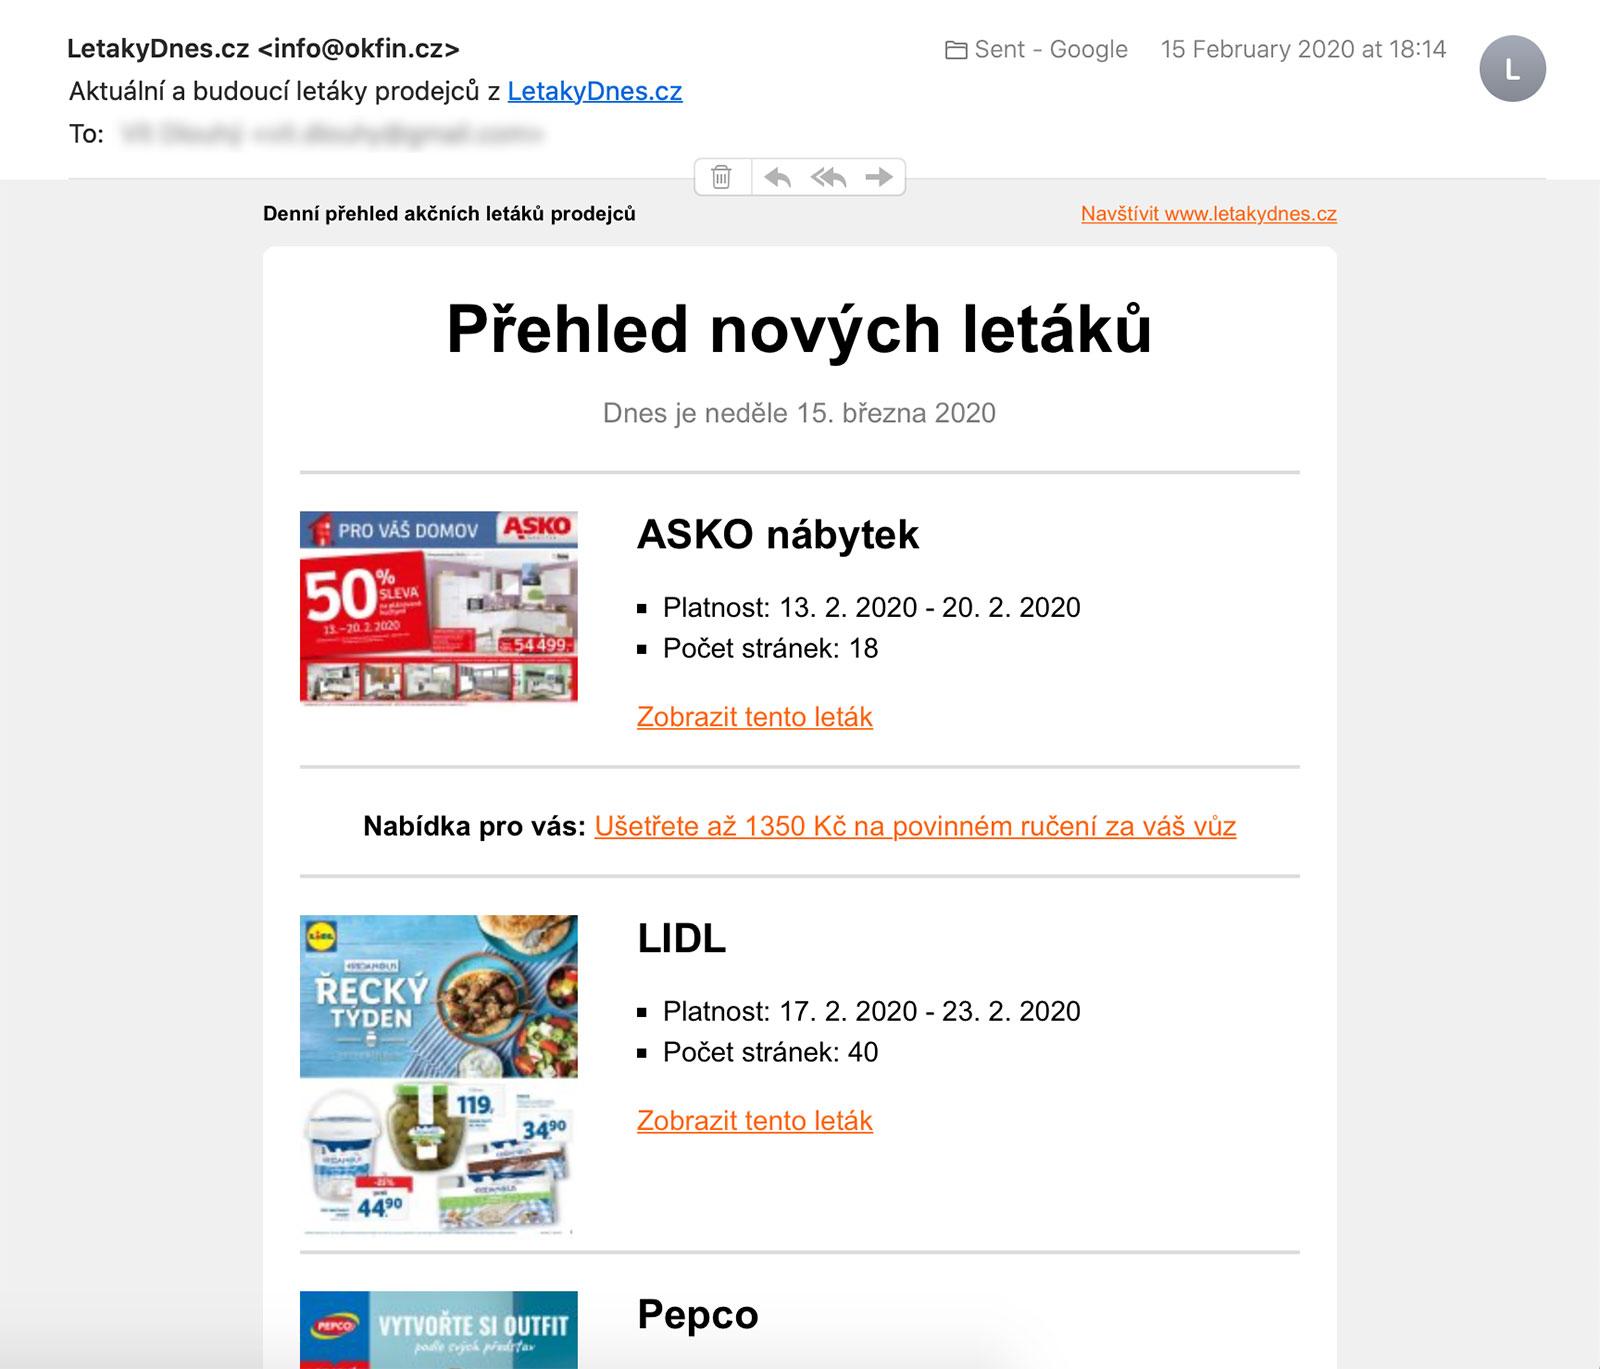 Ukázka přijatého emailu z LetakyDnes.cz